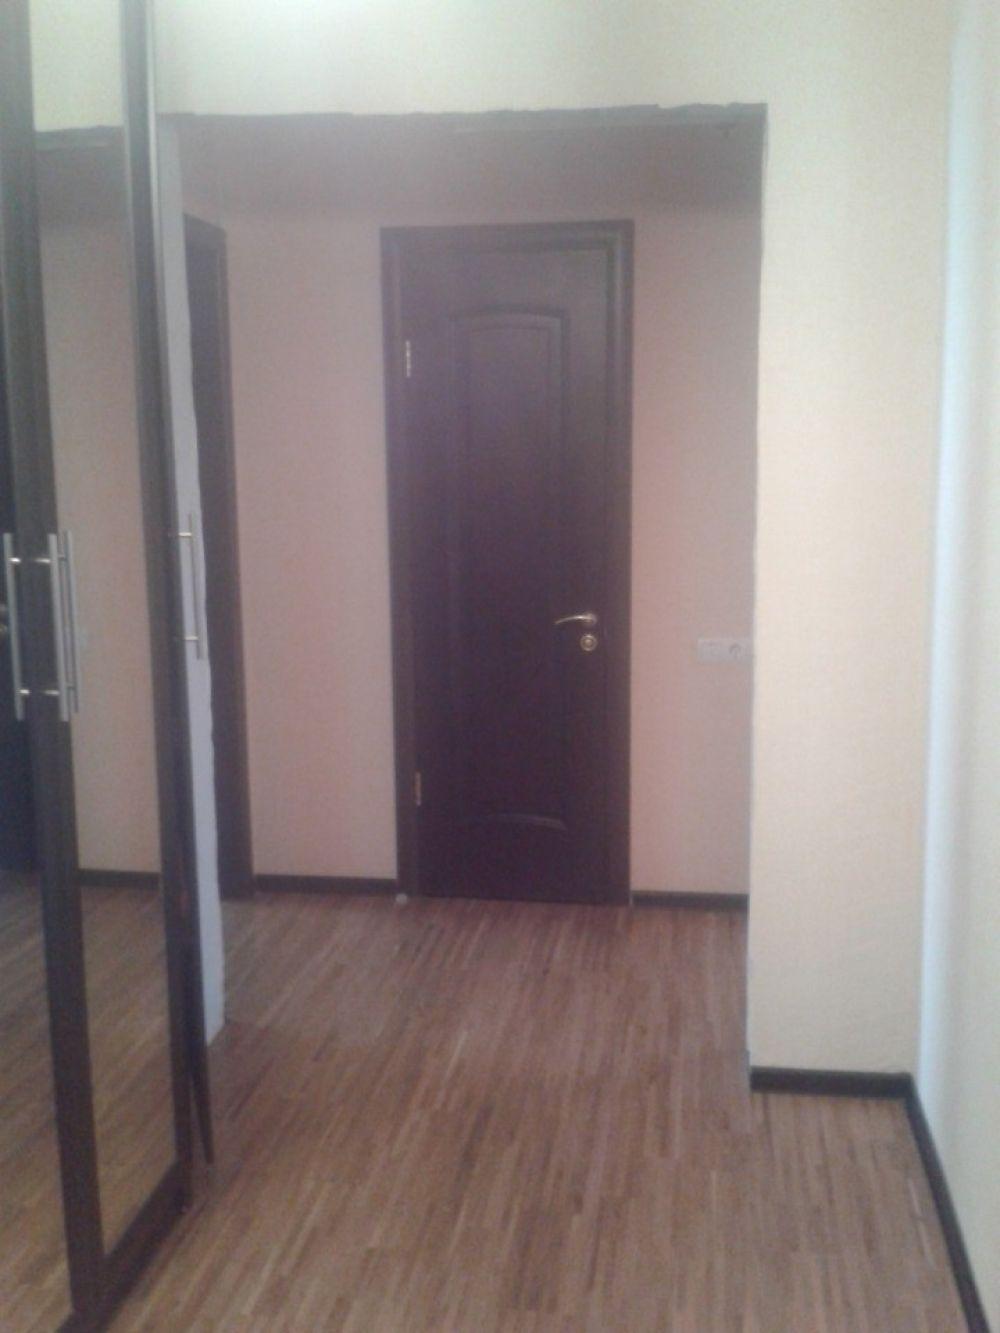 Продается 2-к квартира Фрязино Барские пруды 1, фото 4